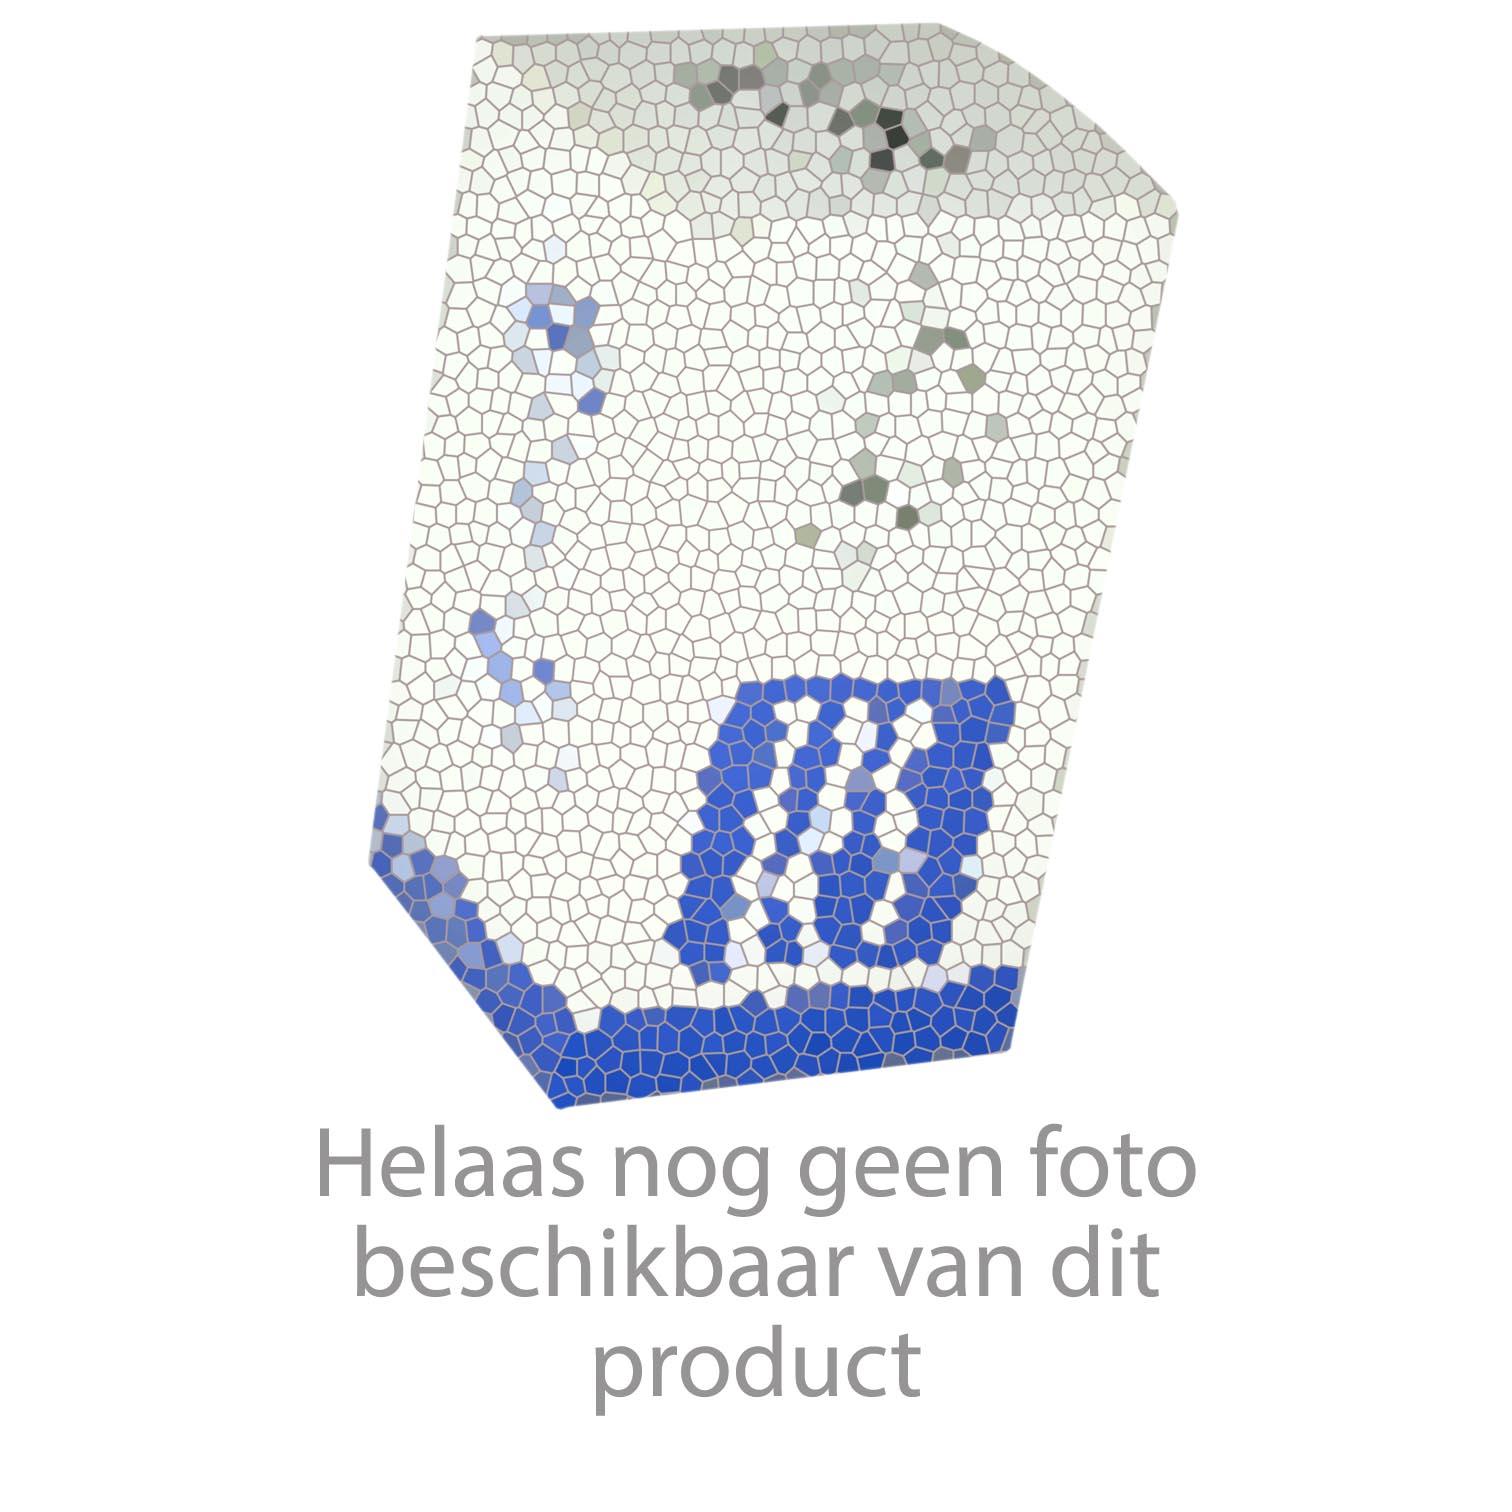 Geberit Gummilippenring voor buis in buis verbinding d 57/50mm